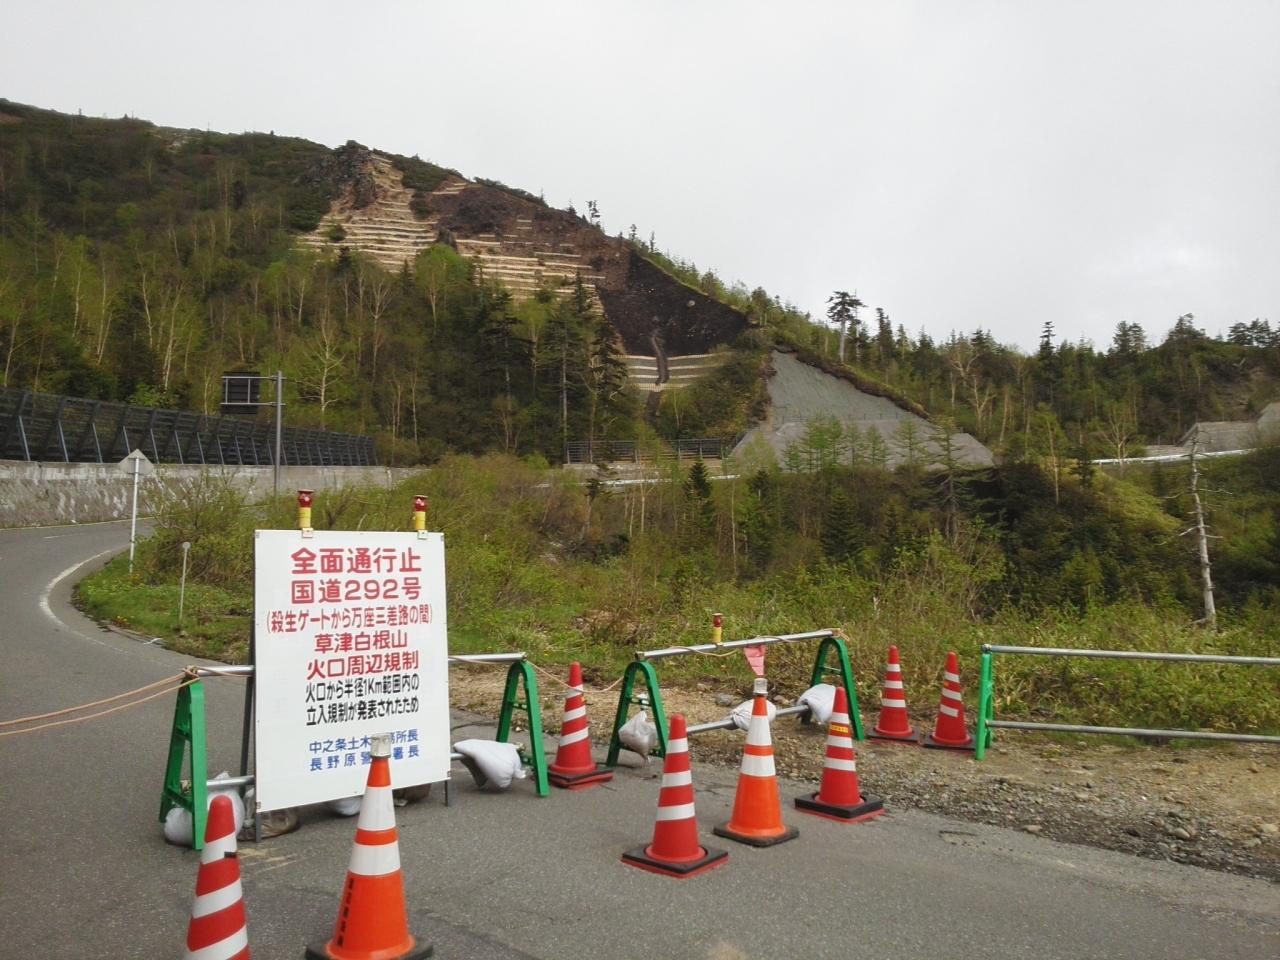 観光シーズン目前の草津白根山が 警戒レベル2 草津温泉